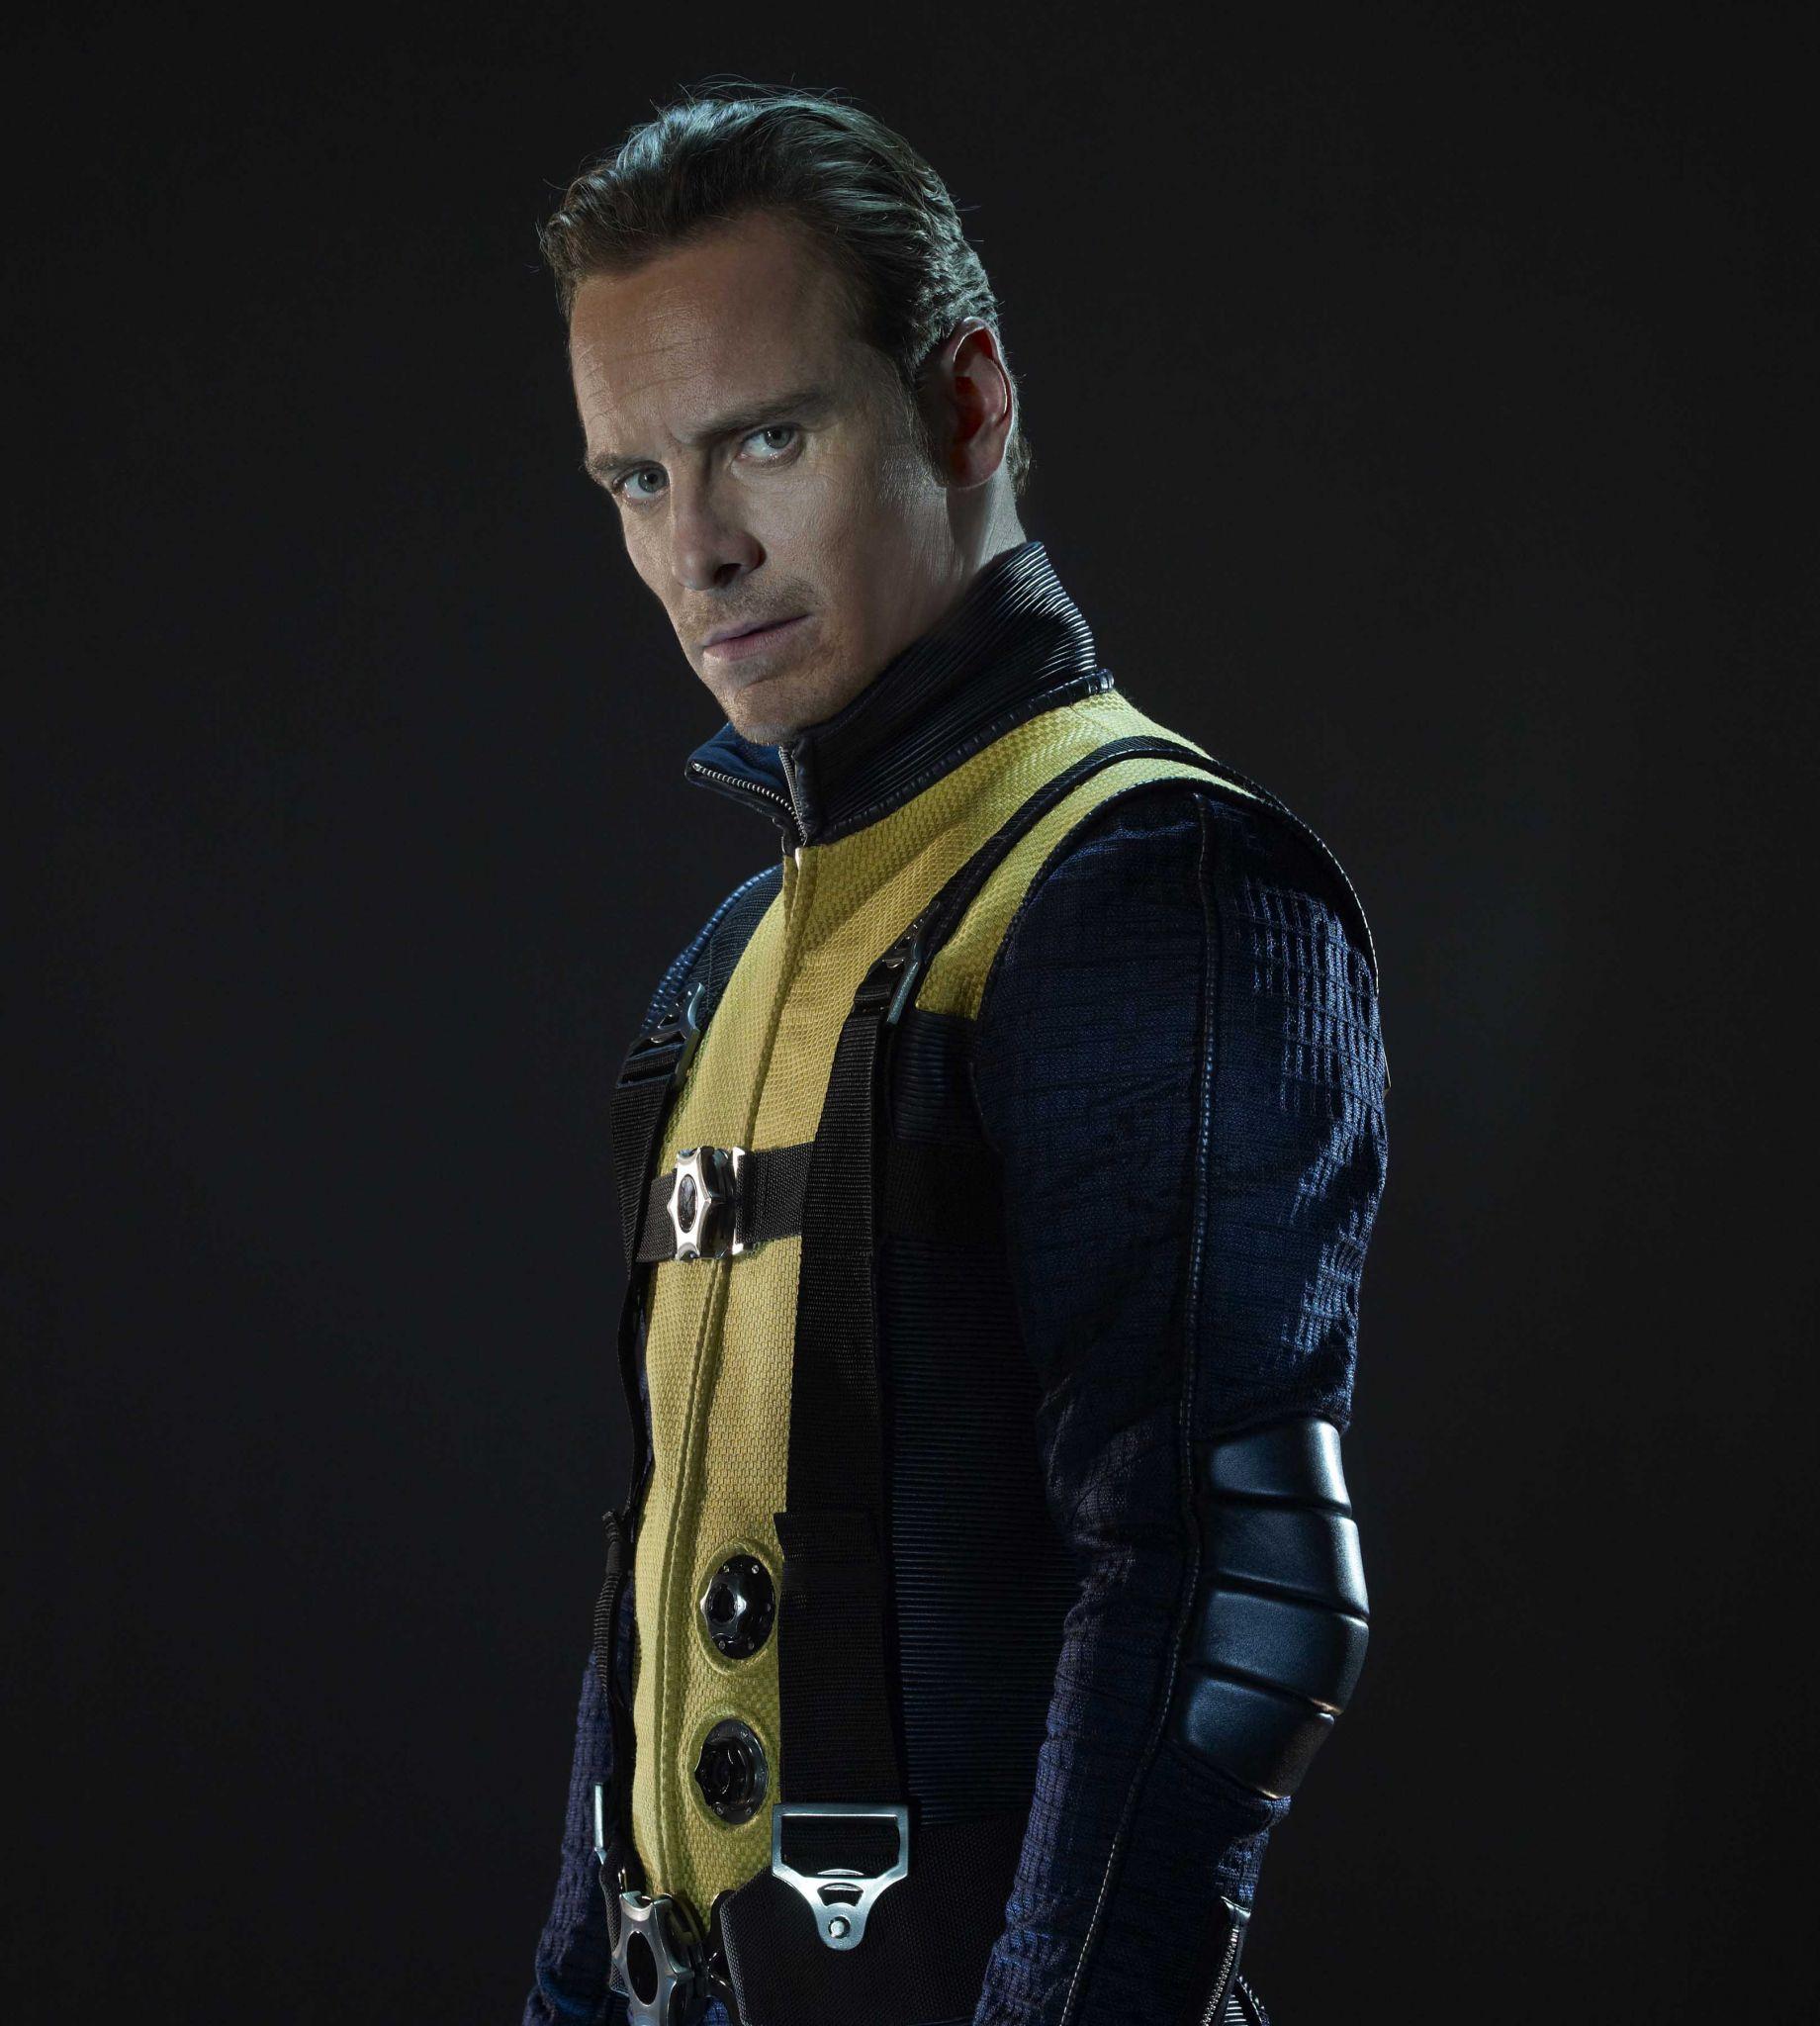 X-Men: First Class - X-Men: First Class Photo (28805406 ...X Men First Class Erik